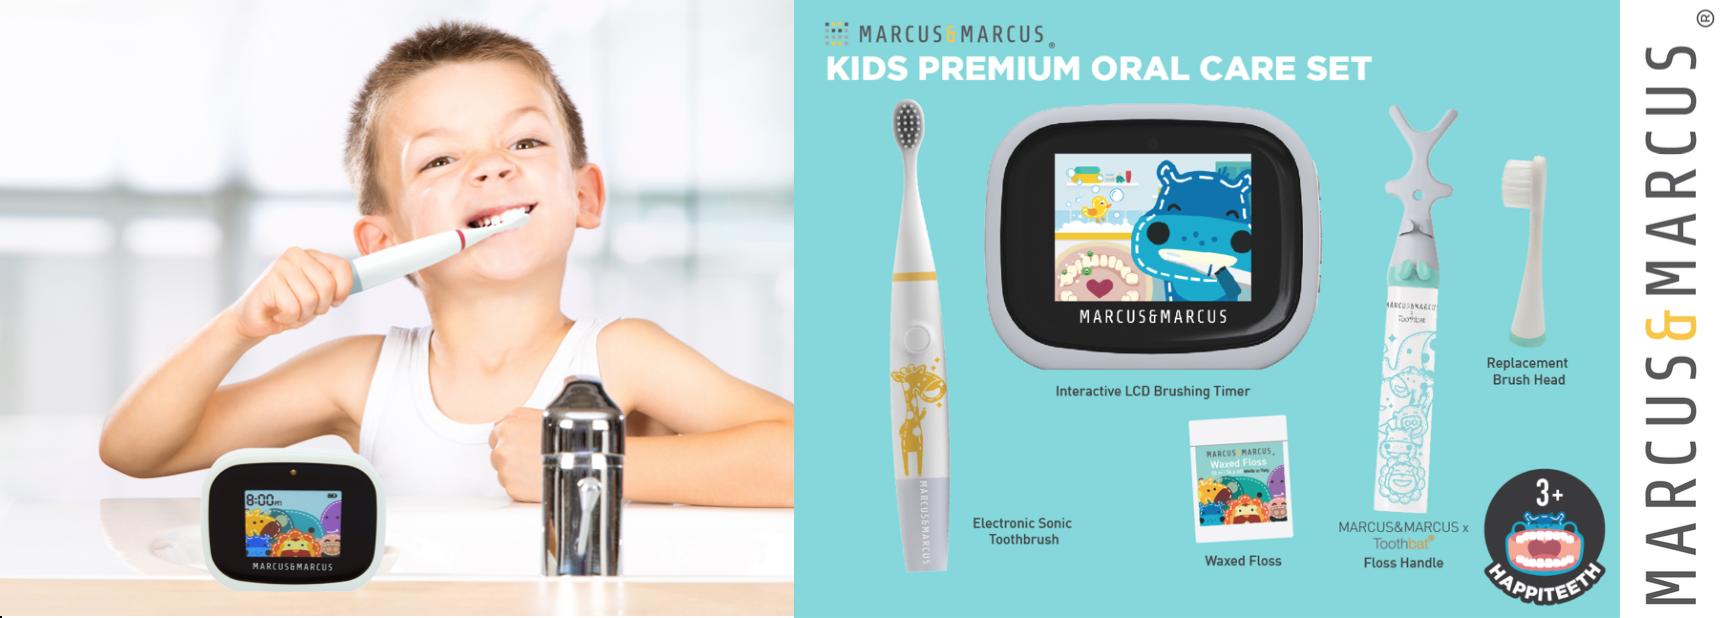 Oral care set slider